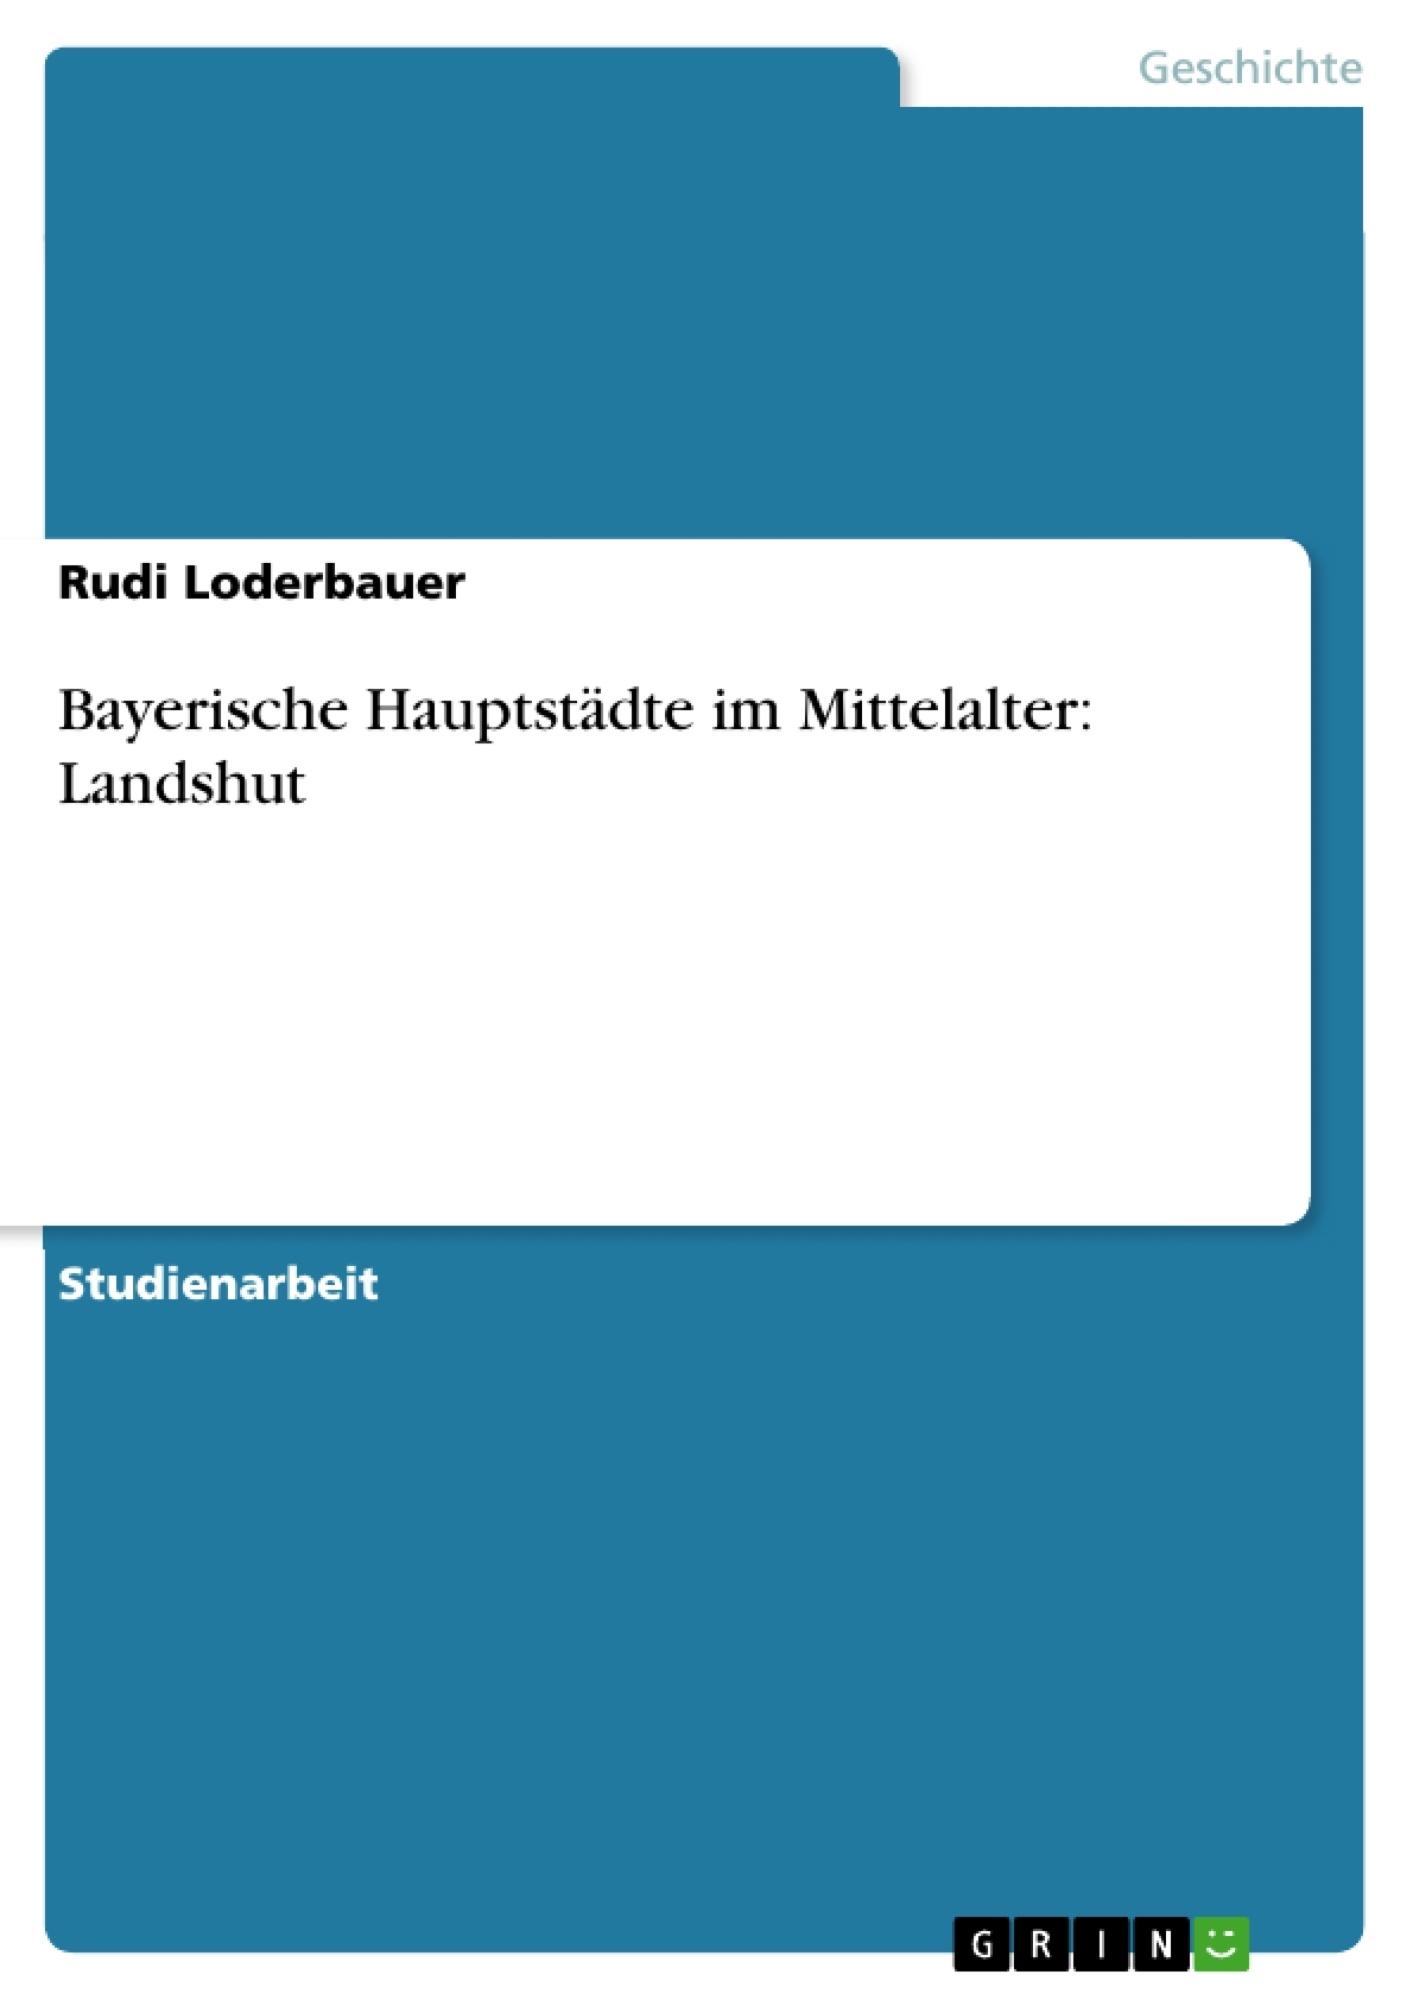 Titel: Bayerische Hauptstädte im Mittelalter: Landshut